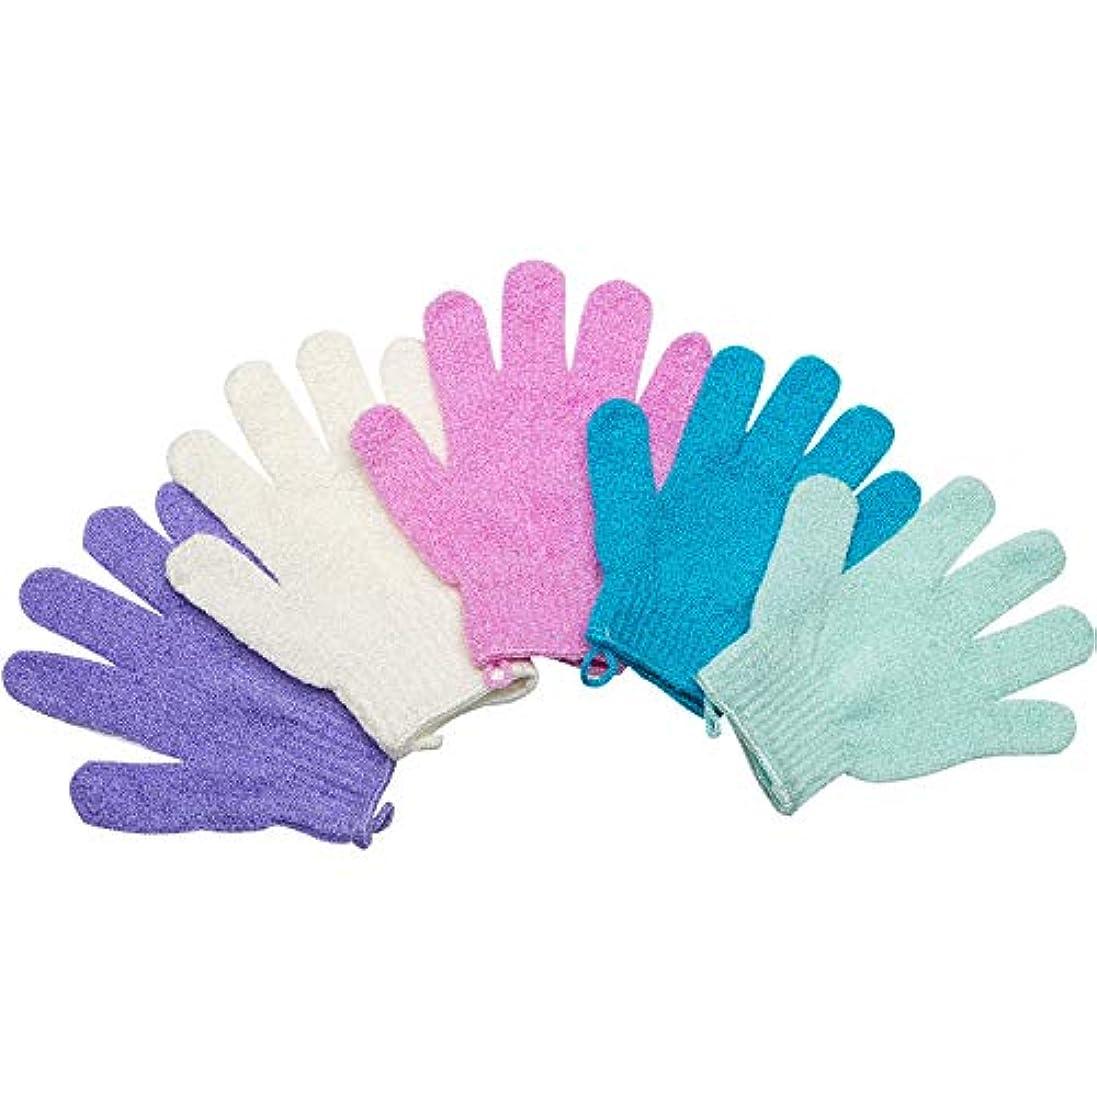 スパン現象帰する5ペアセットお風呂用手袋 入浴用品 垢すり用グローブ 抗菌加工 角質除去 泡立ち 男女兼用 便利なループ付け